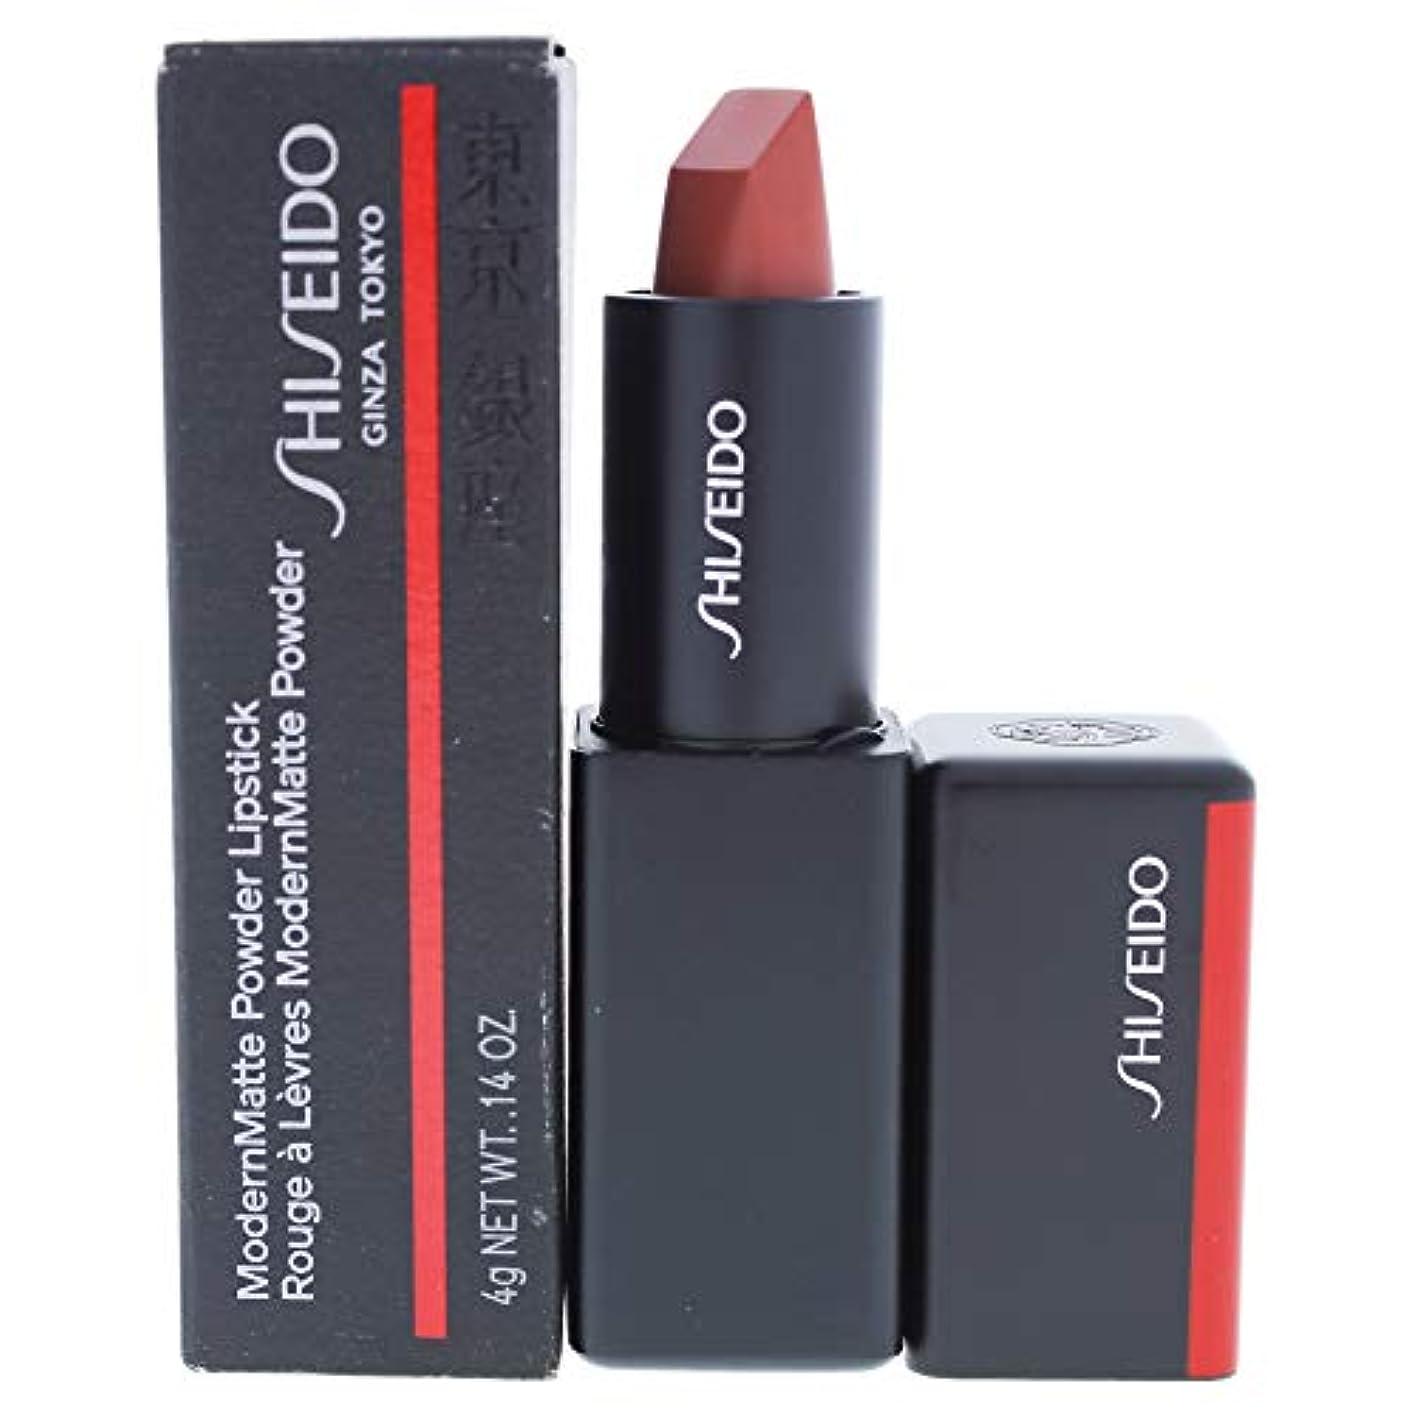 邪魔する純粋な羨望資生堂 ModernMatte Powder Lipstick - # 508 Semi Nude (Cinnamon) 4g/0.14oz並行輸入品